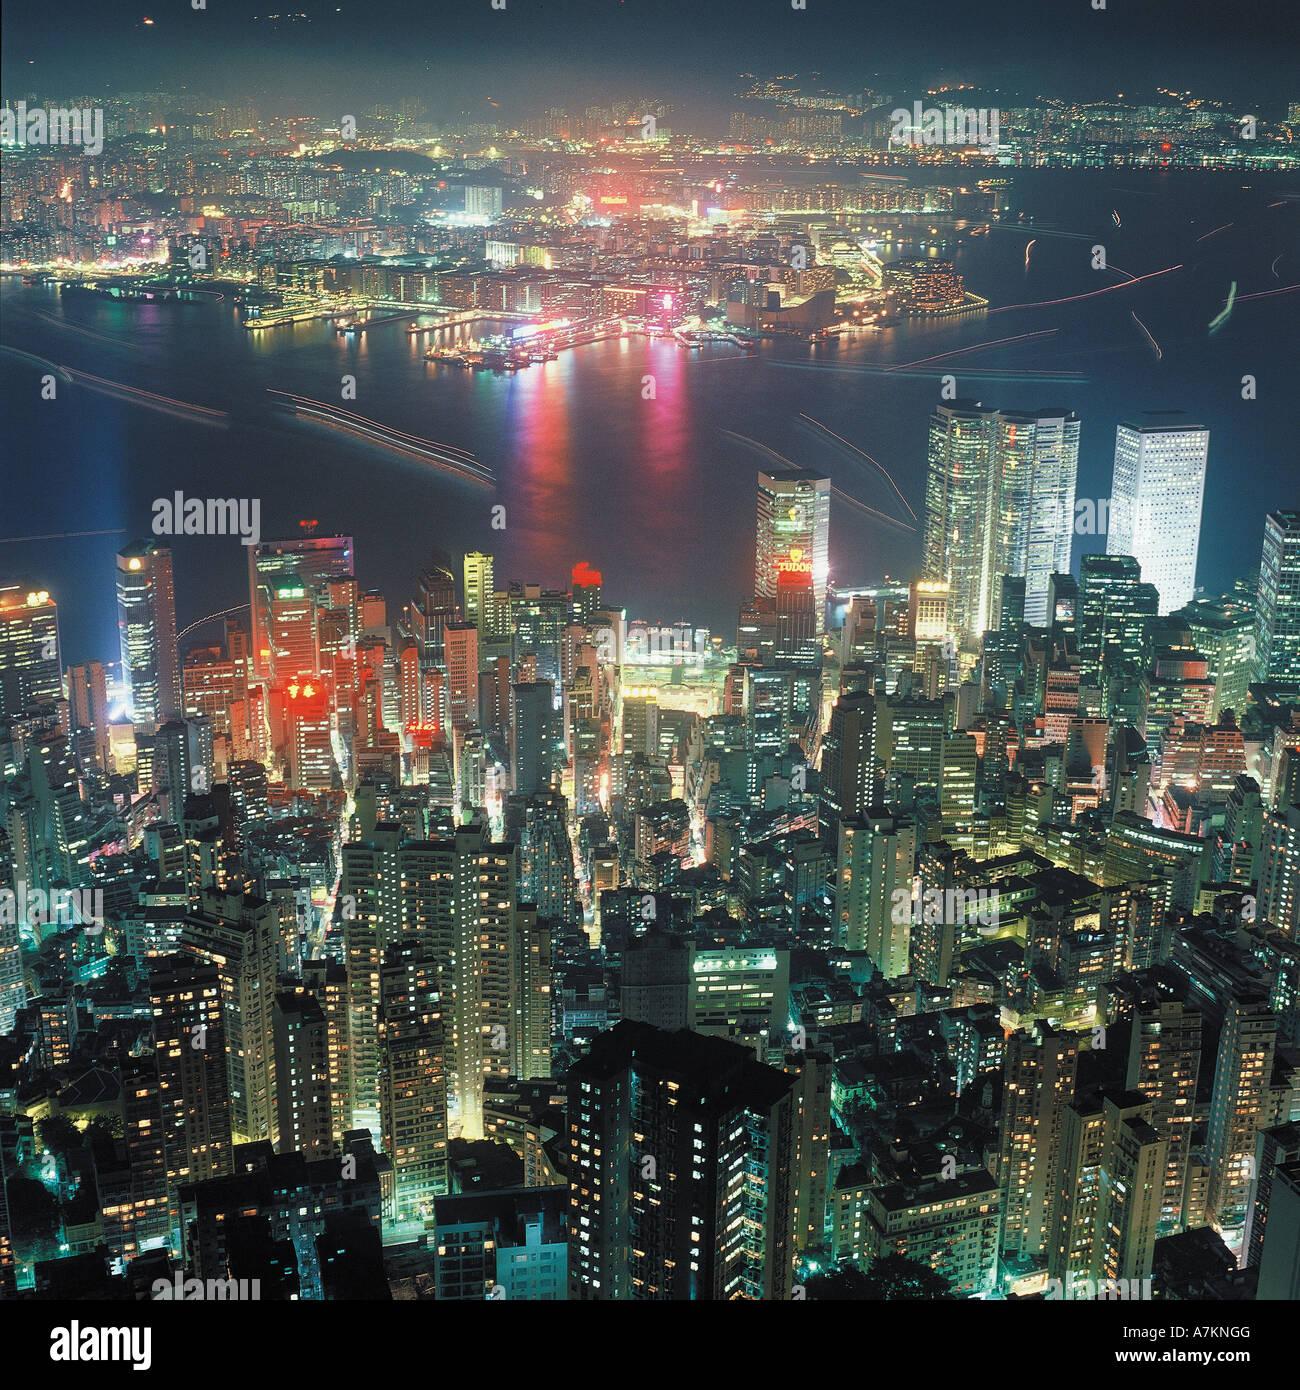 Hongkong,China - Stock Image